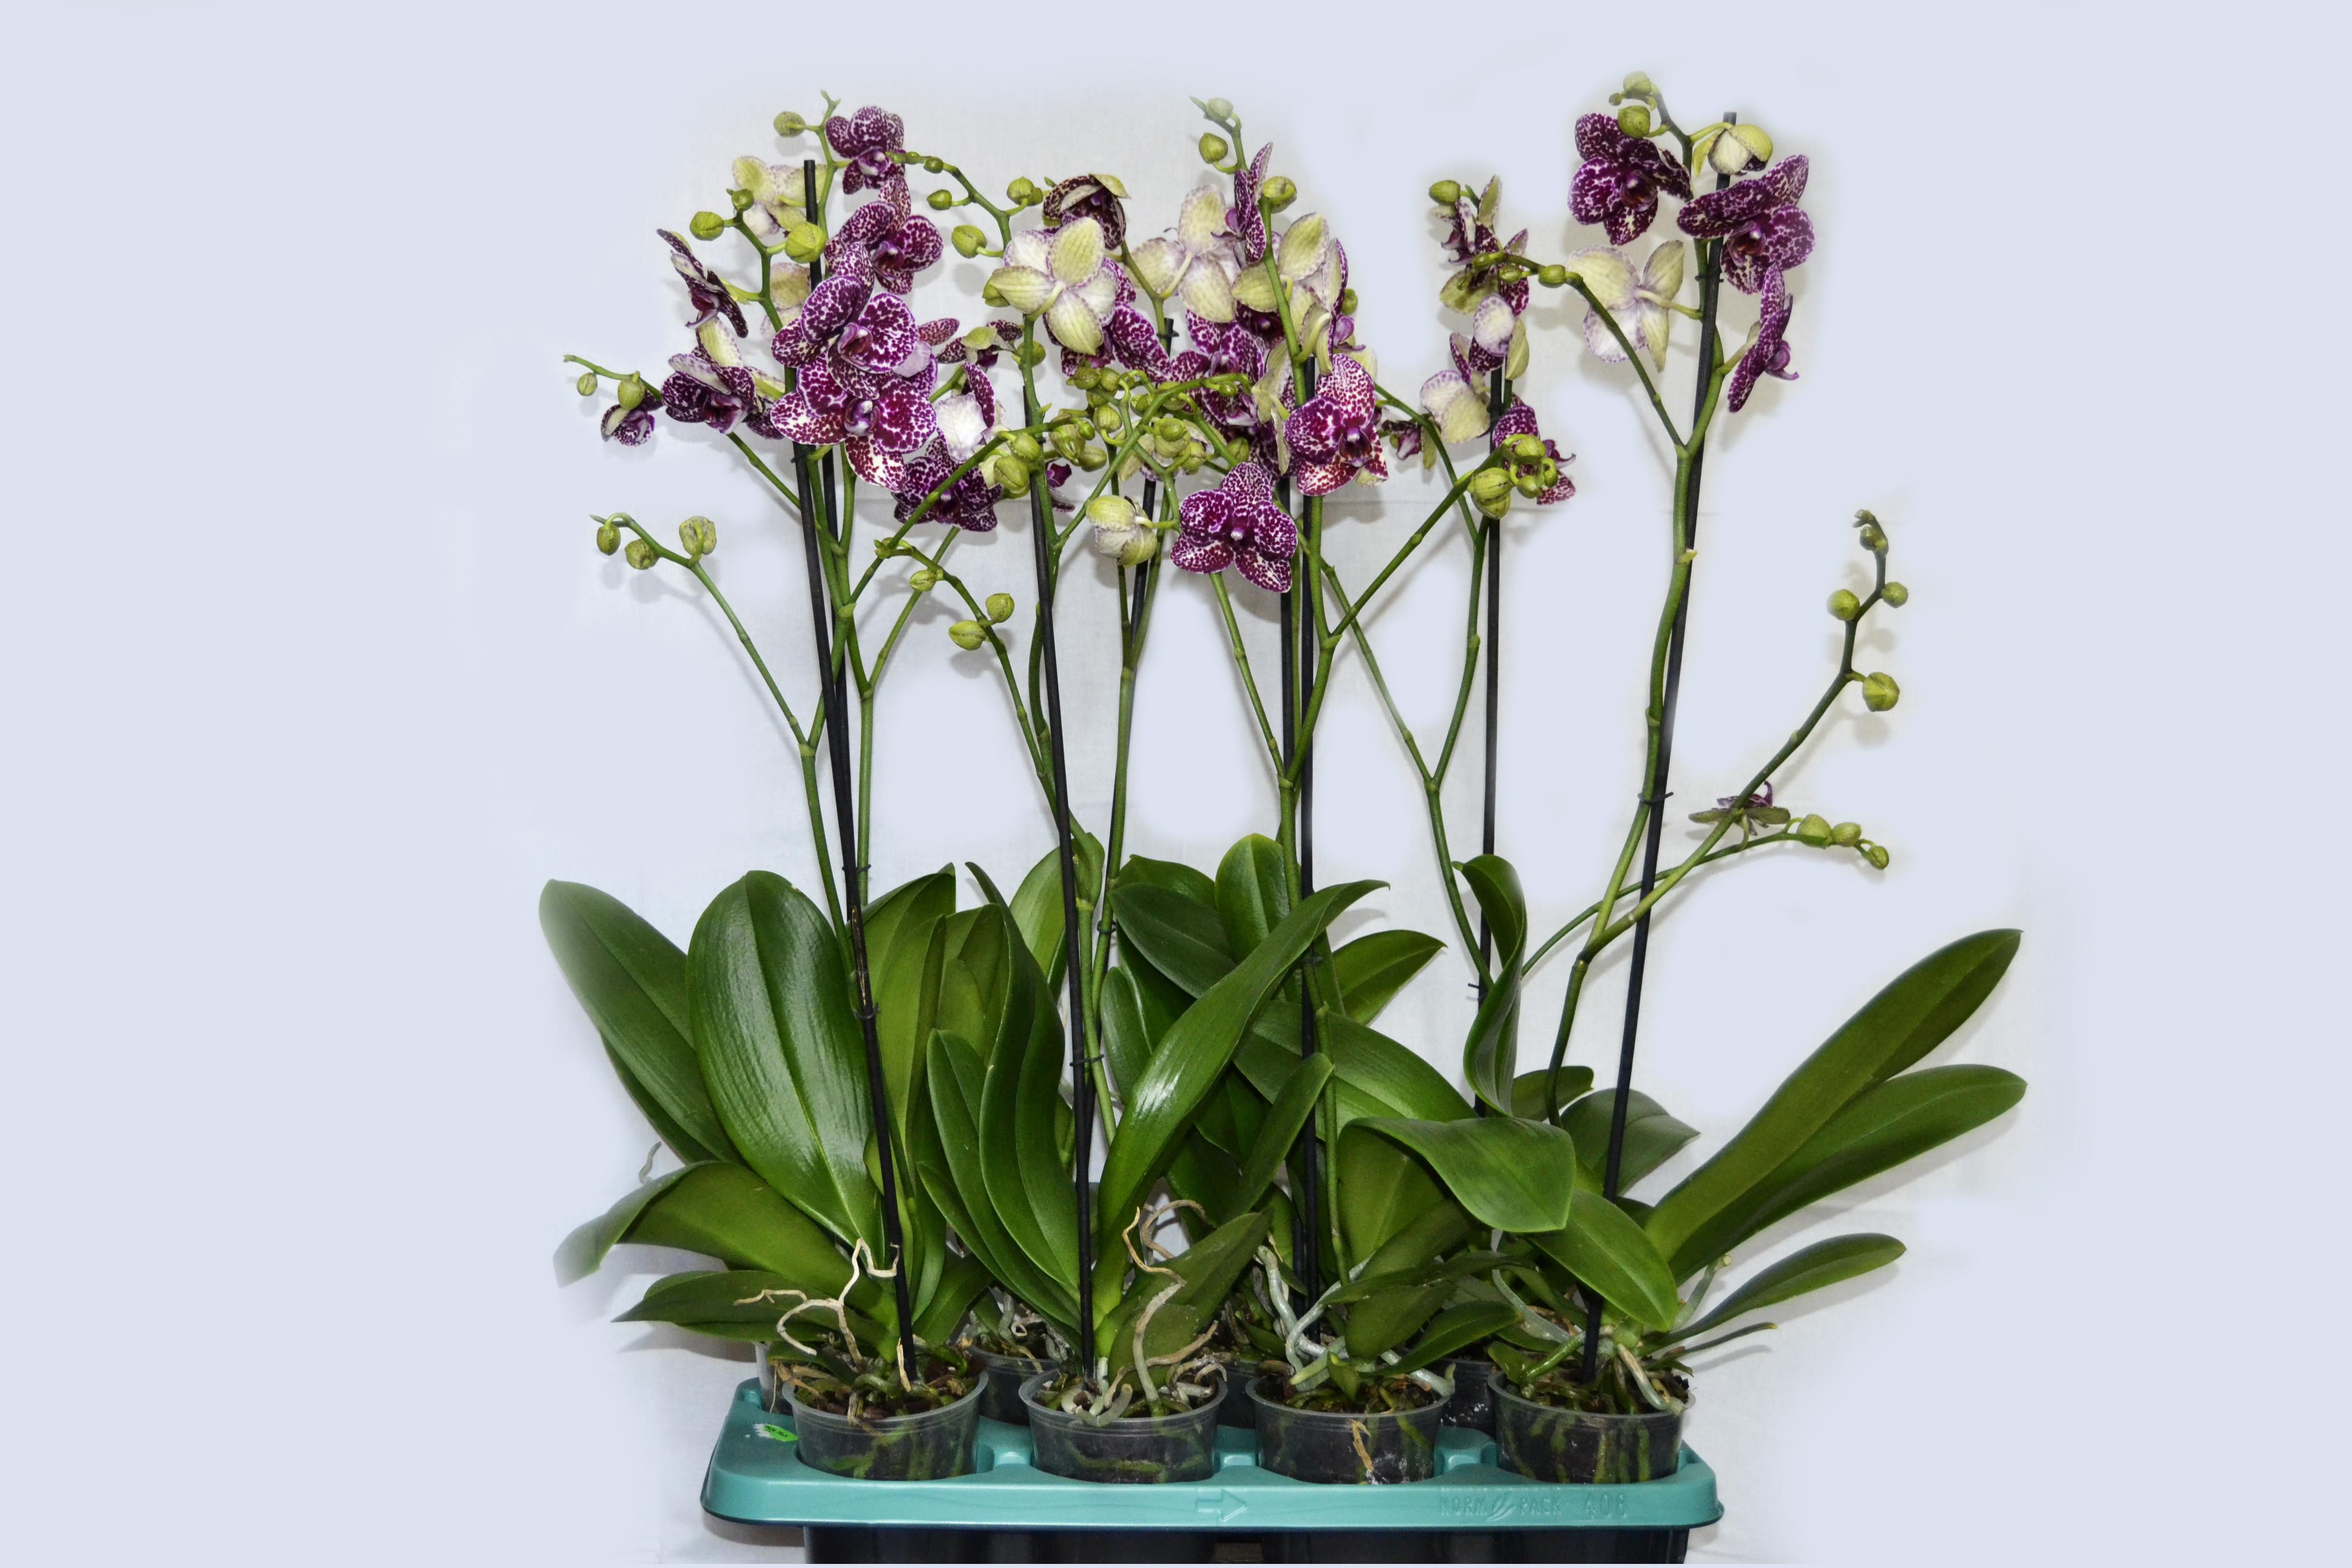 cc041ca9b Фаленопсис Дикий Кот, Phalaenopsis Wild Cat ( 1 ст Ø 12 см, h 70 см).  Главная · Комнатные растения · Орхидеи сортовые ...